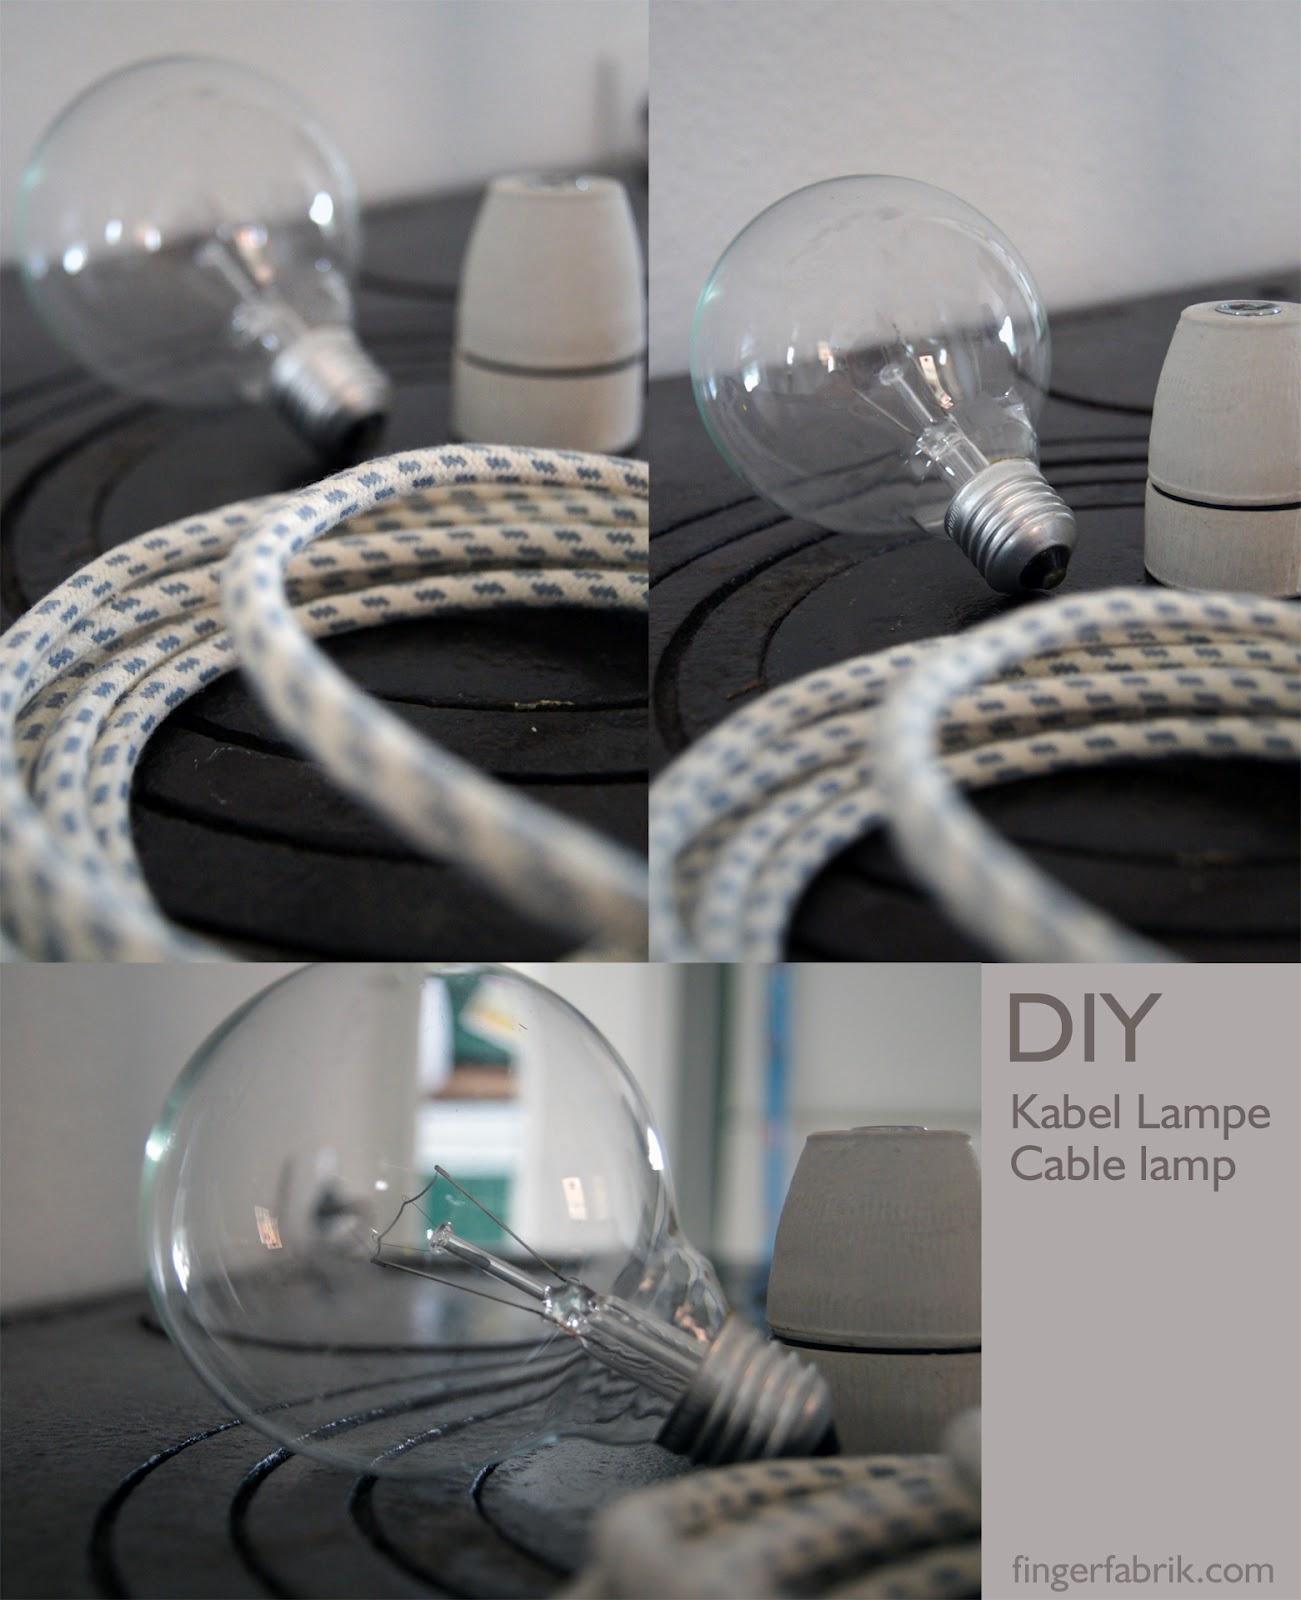 fingerfabrik diy cable lamp tutorial kabel lampe. Black Bedroom Furniture Sets. Home Design Ideas